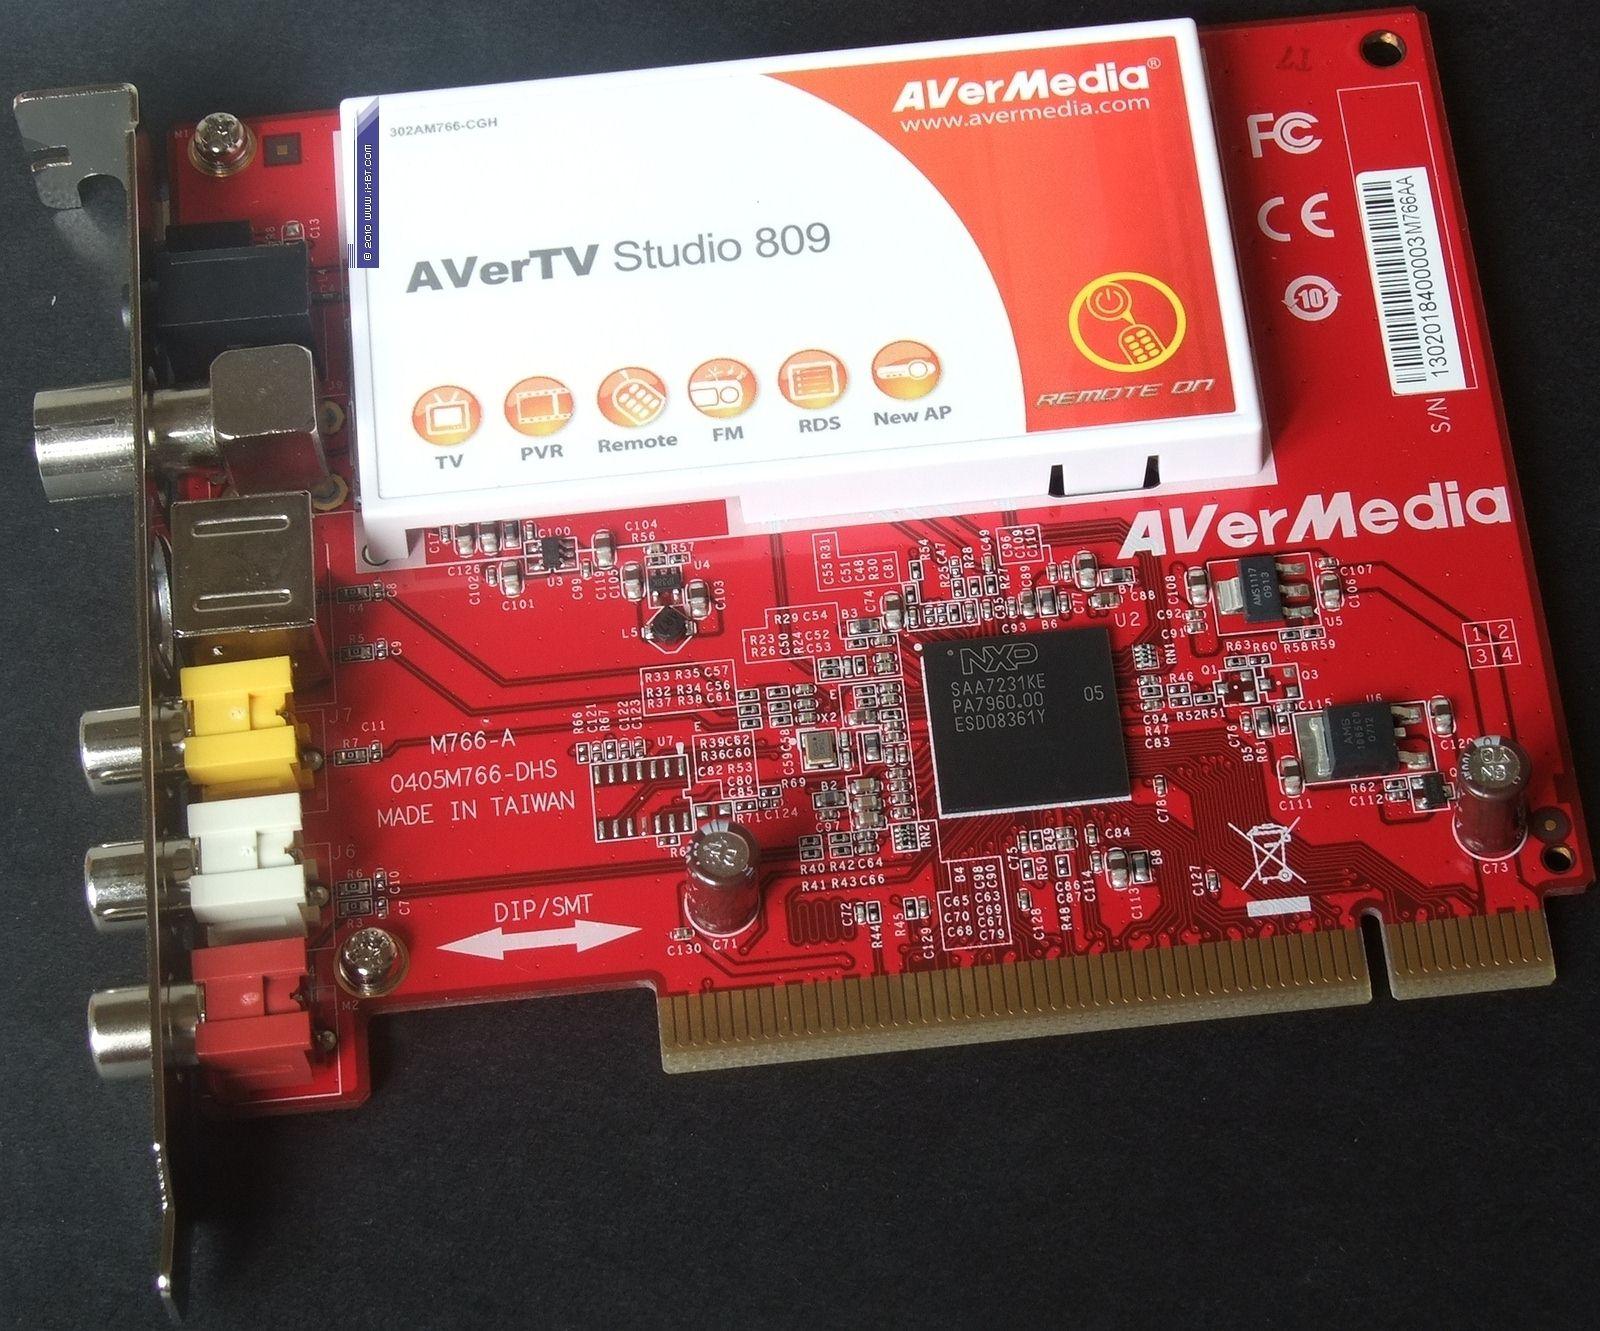 скачать драйвер для avertv studio 307 для windows 8